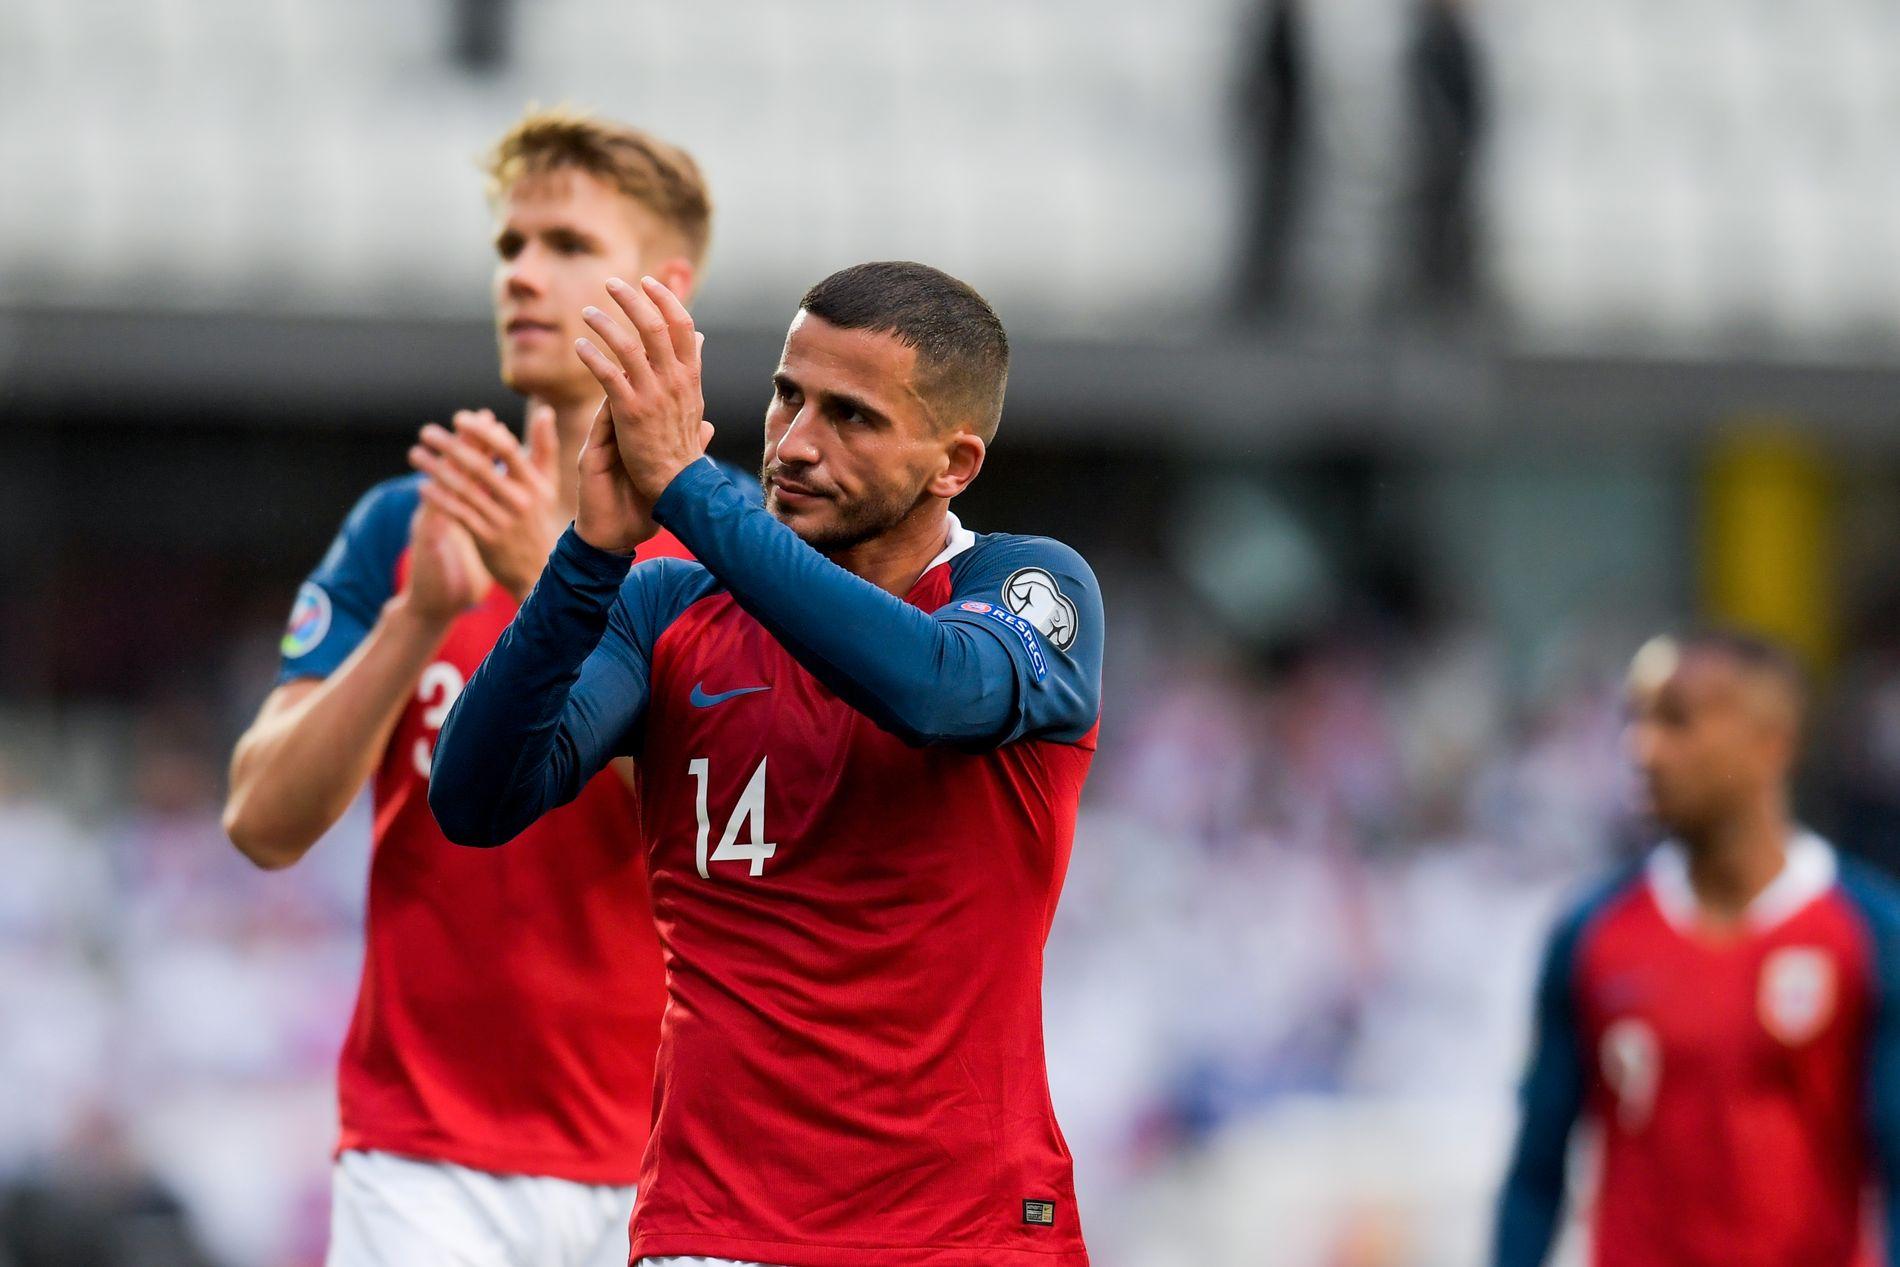 Norge-spillerne takket bortefansen for støtten etter kampen.